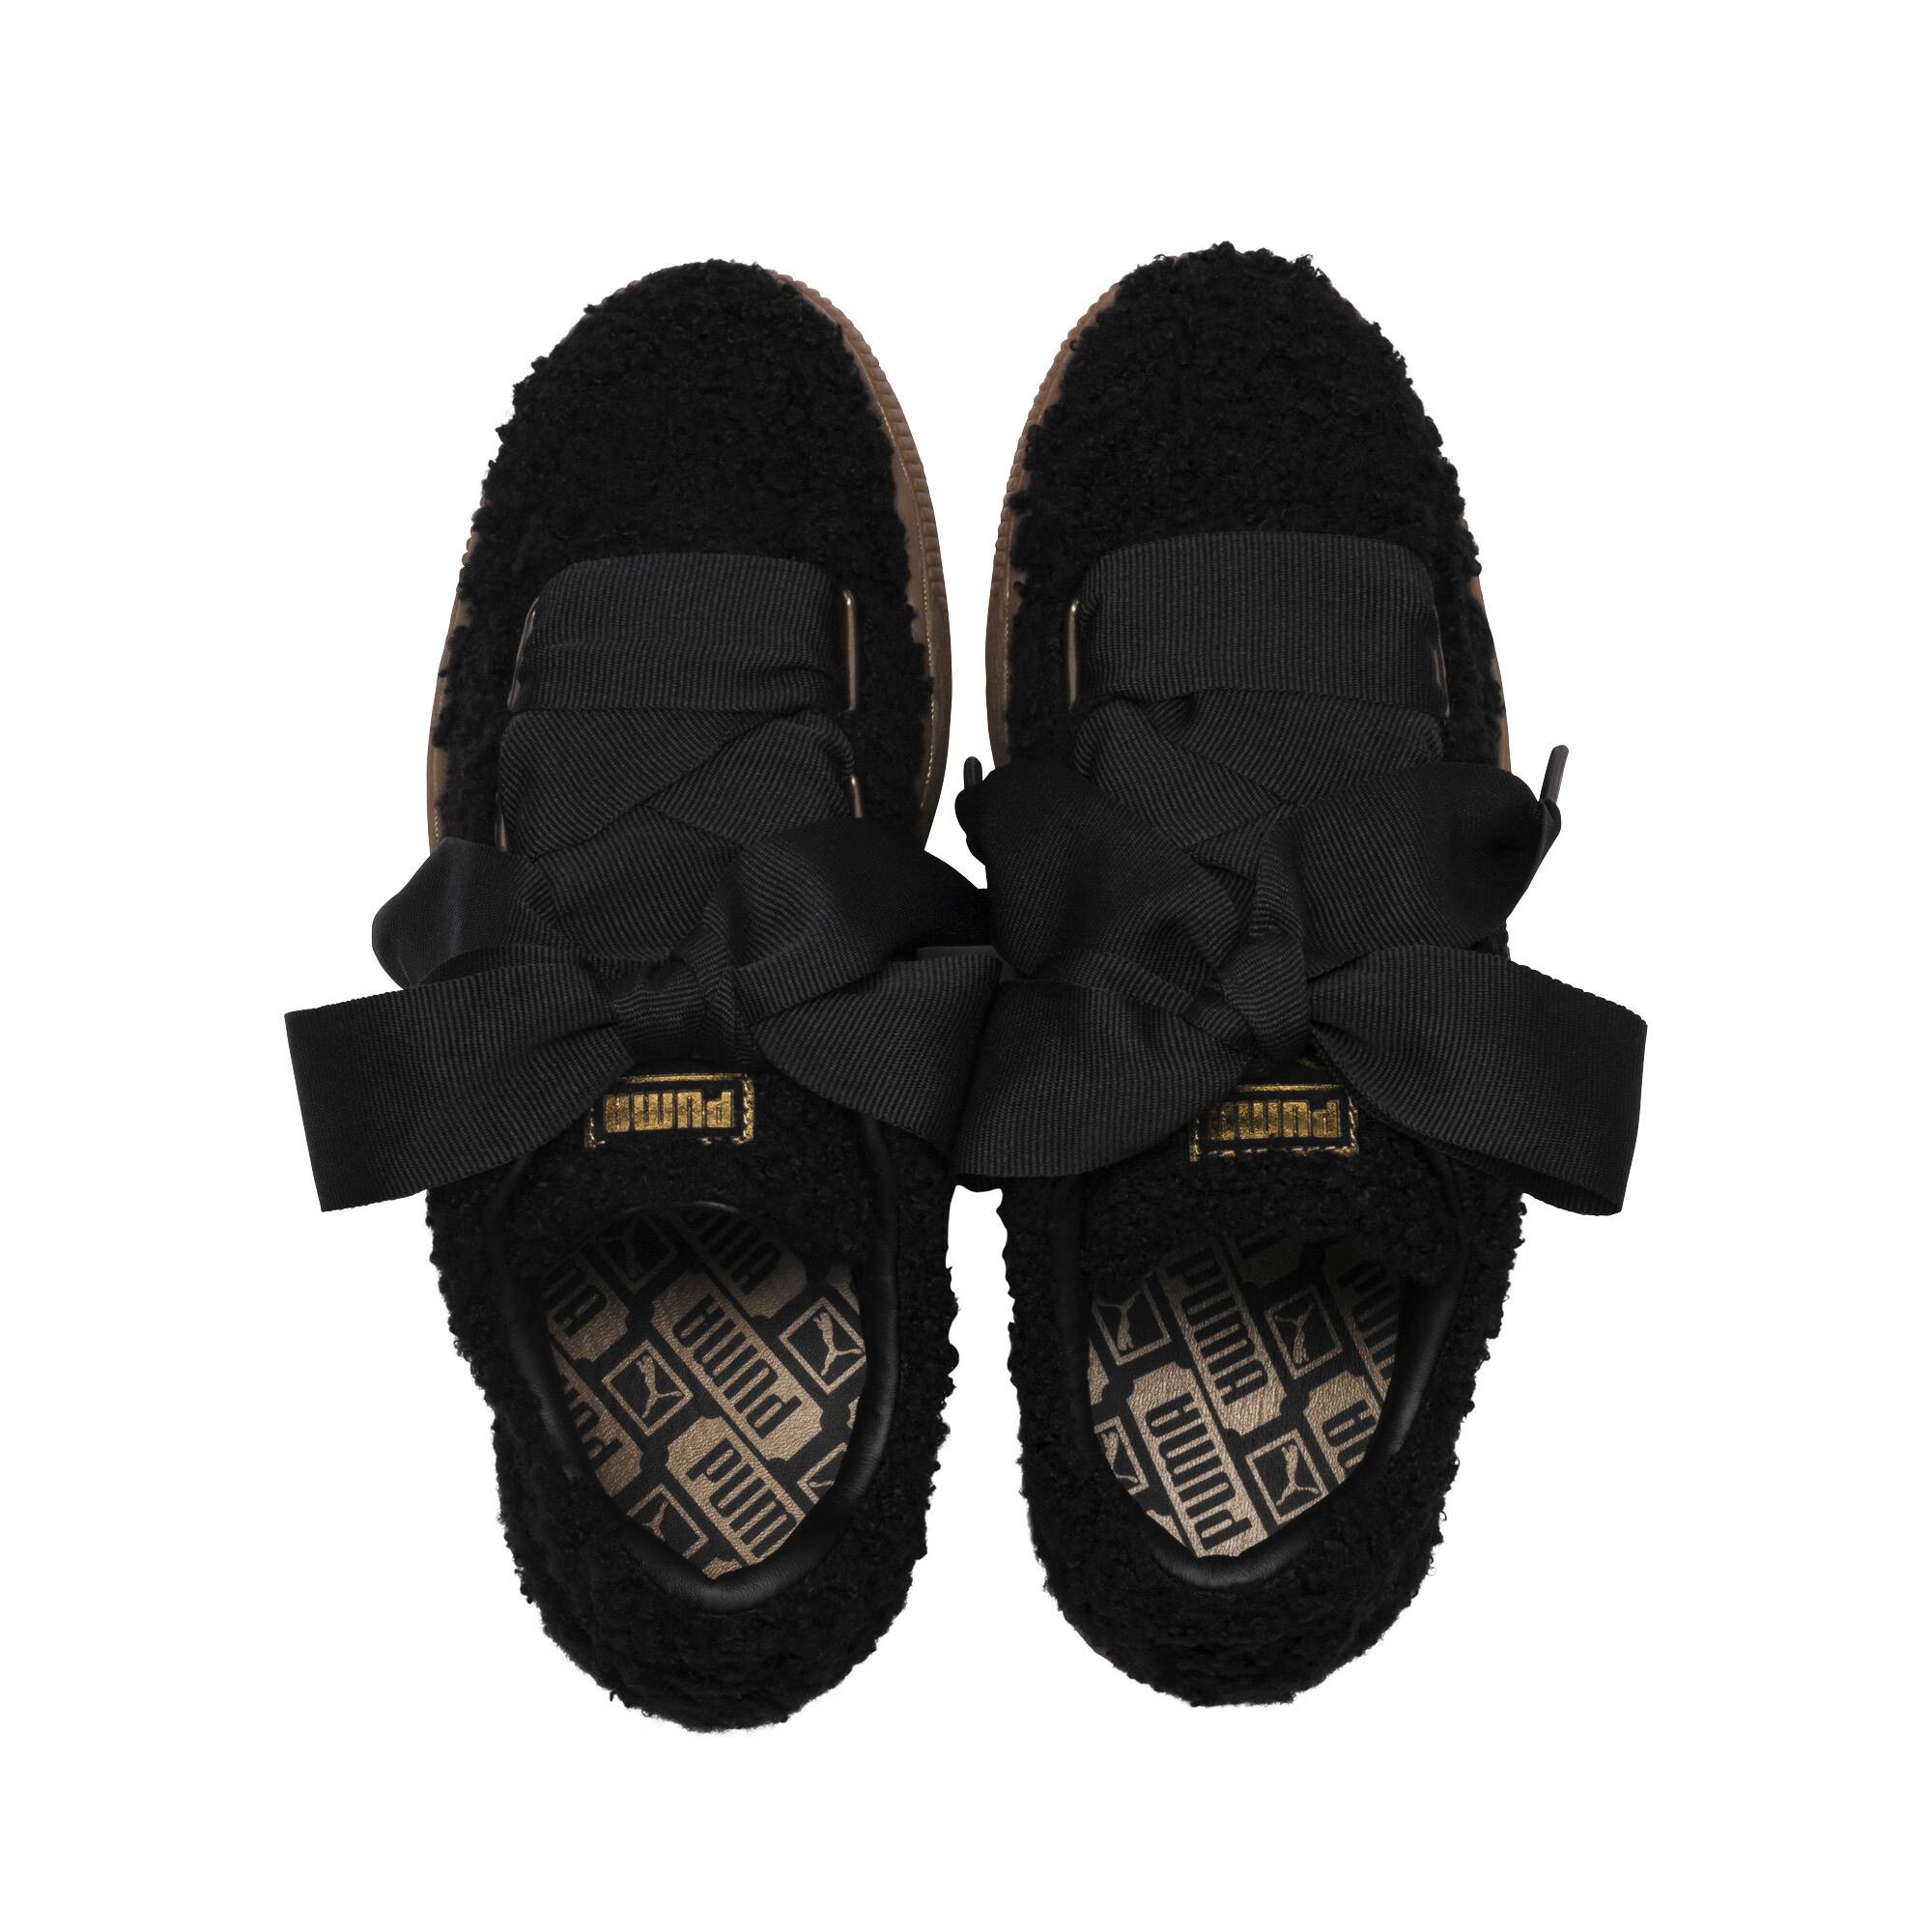 PUMA-Basket-Heart-Teddy-Women-s-Sneakers-Women-Shoe thumbnail 13